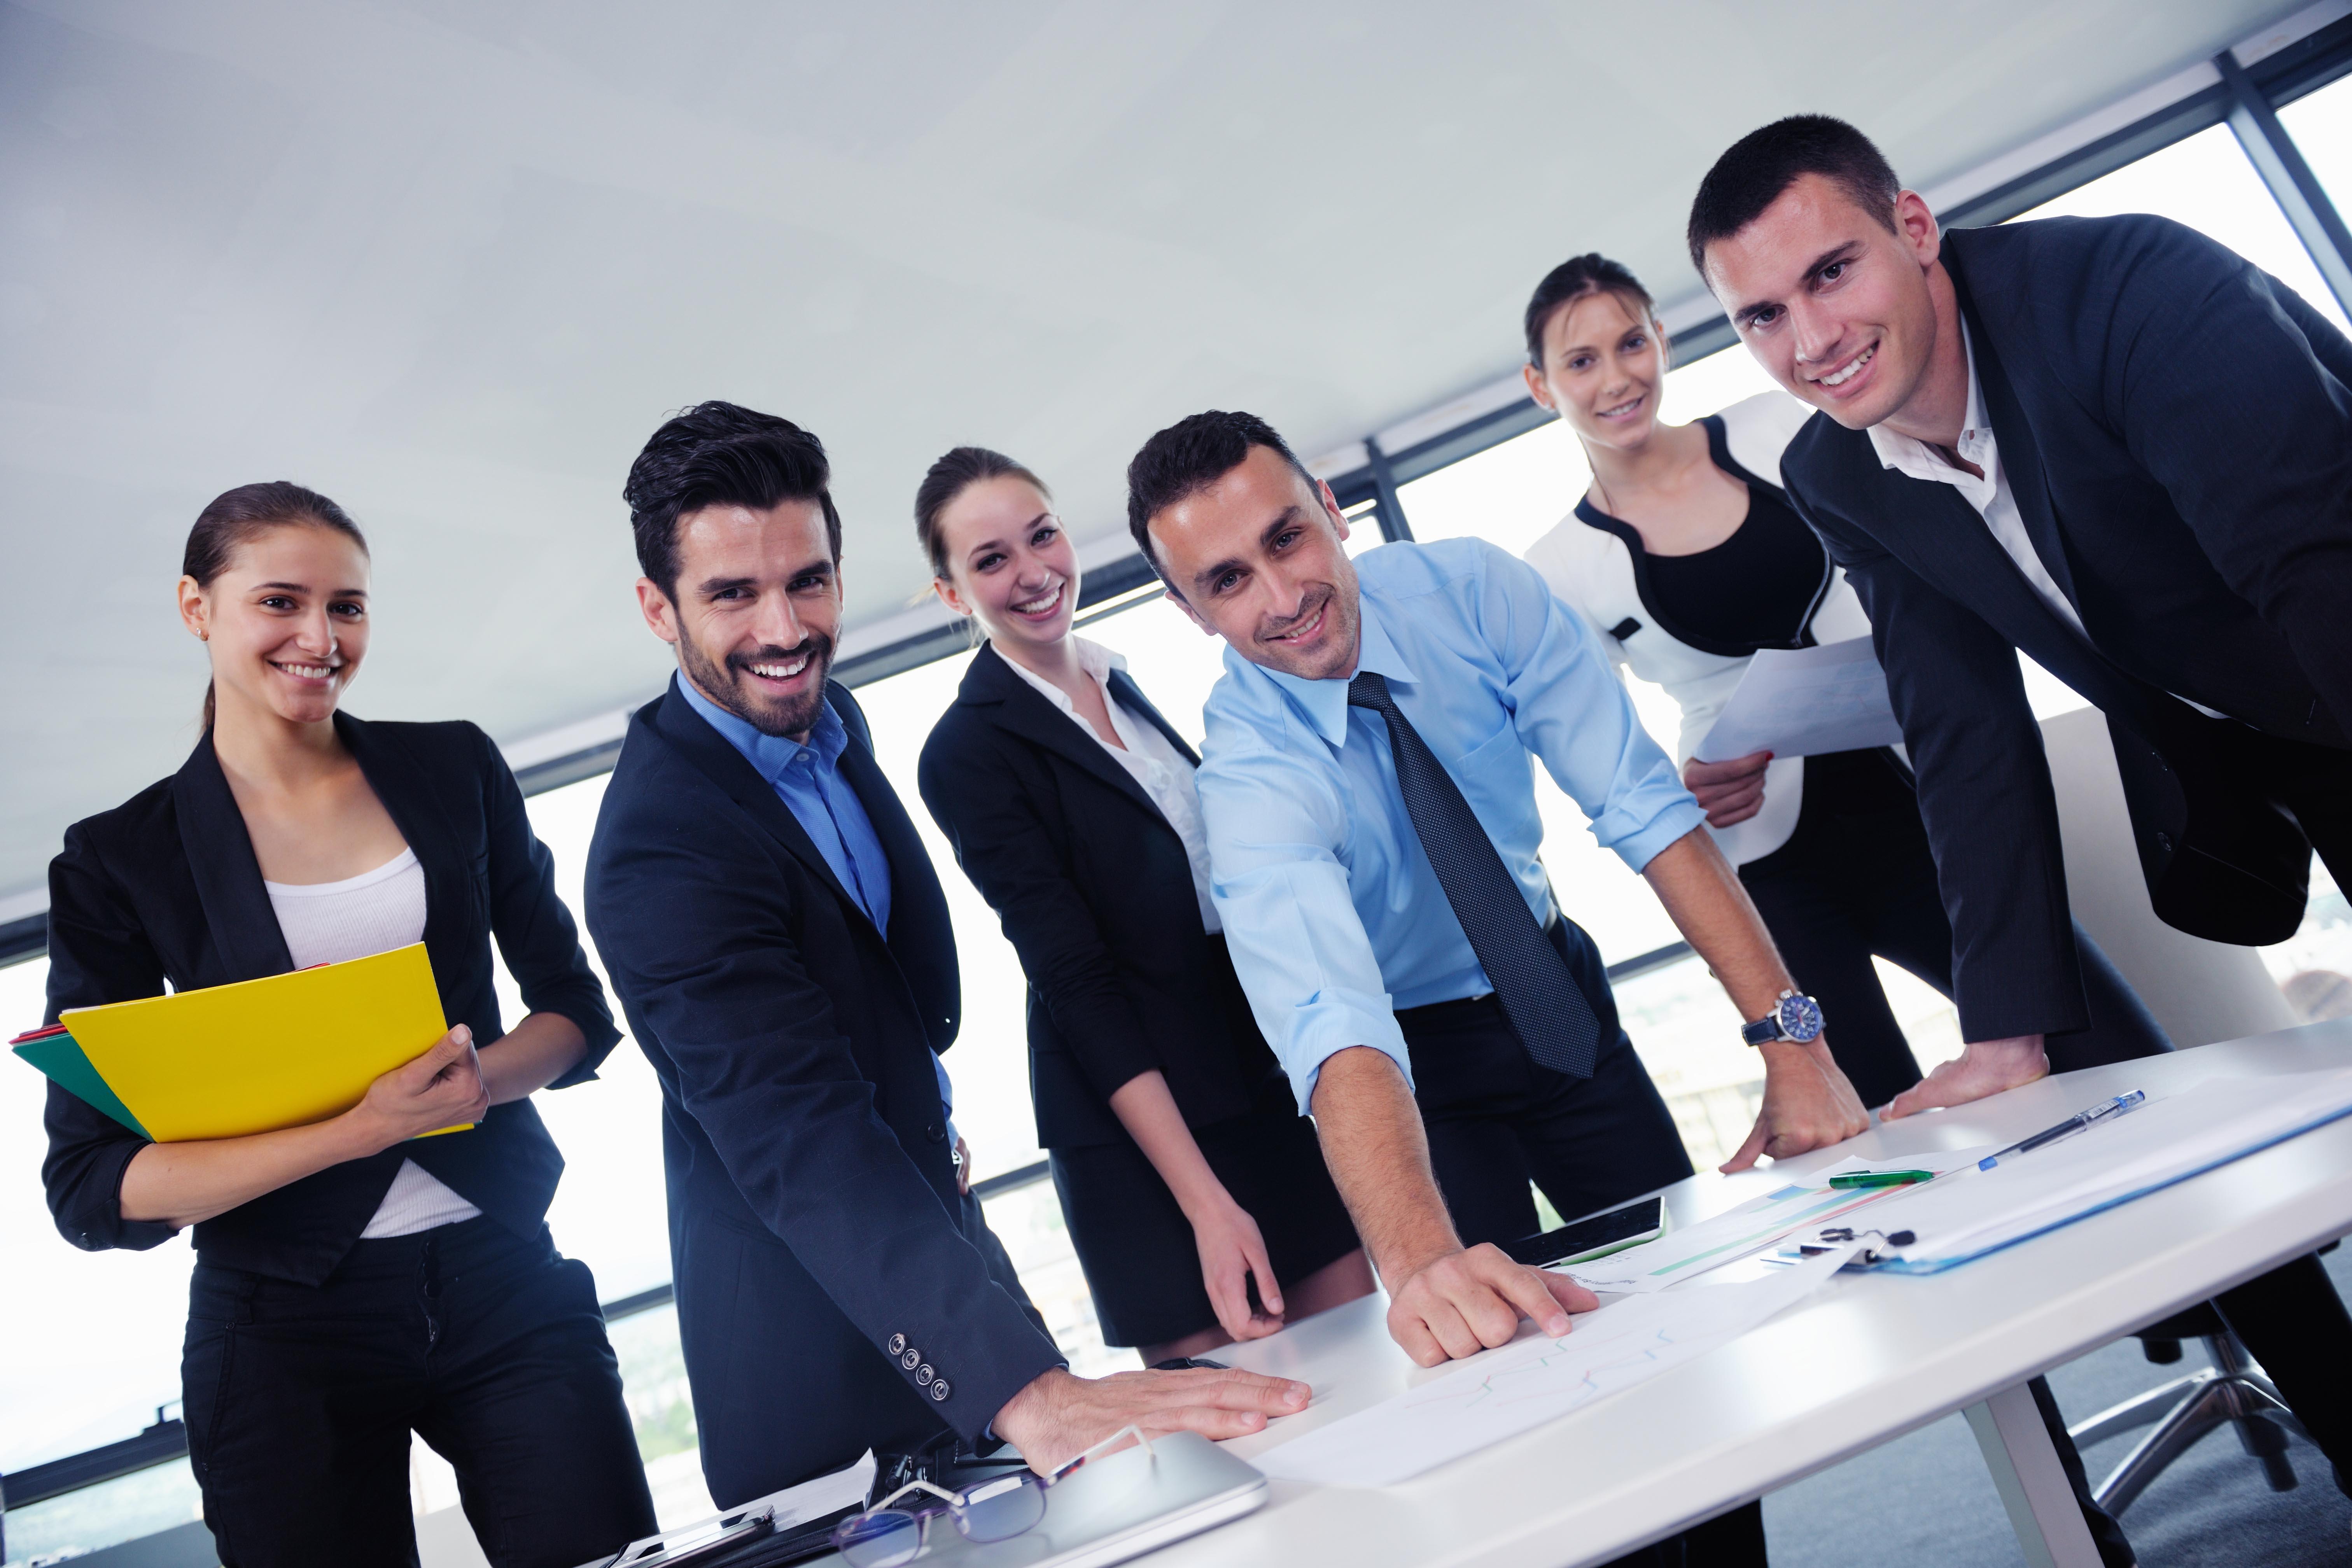 conseil conseil 5 conseils pour gagner en Trading quand on débute conseil